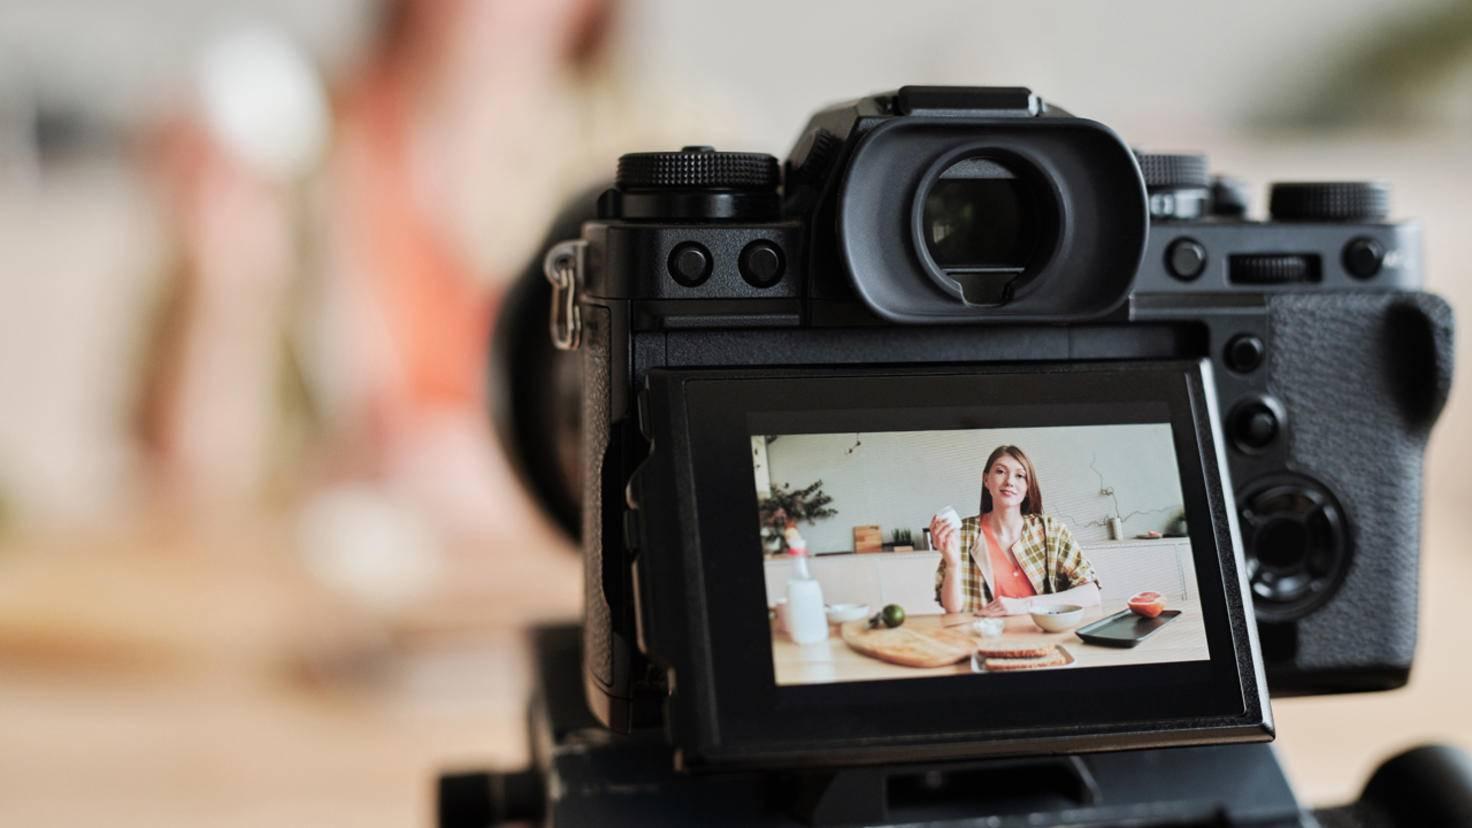 vlog-équipement-équipement-vlogger-accessoires-caméra